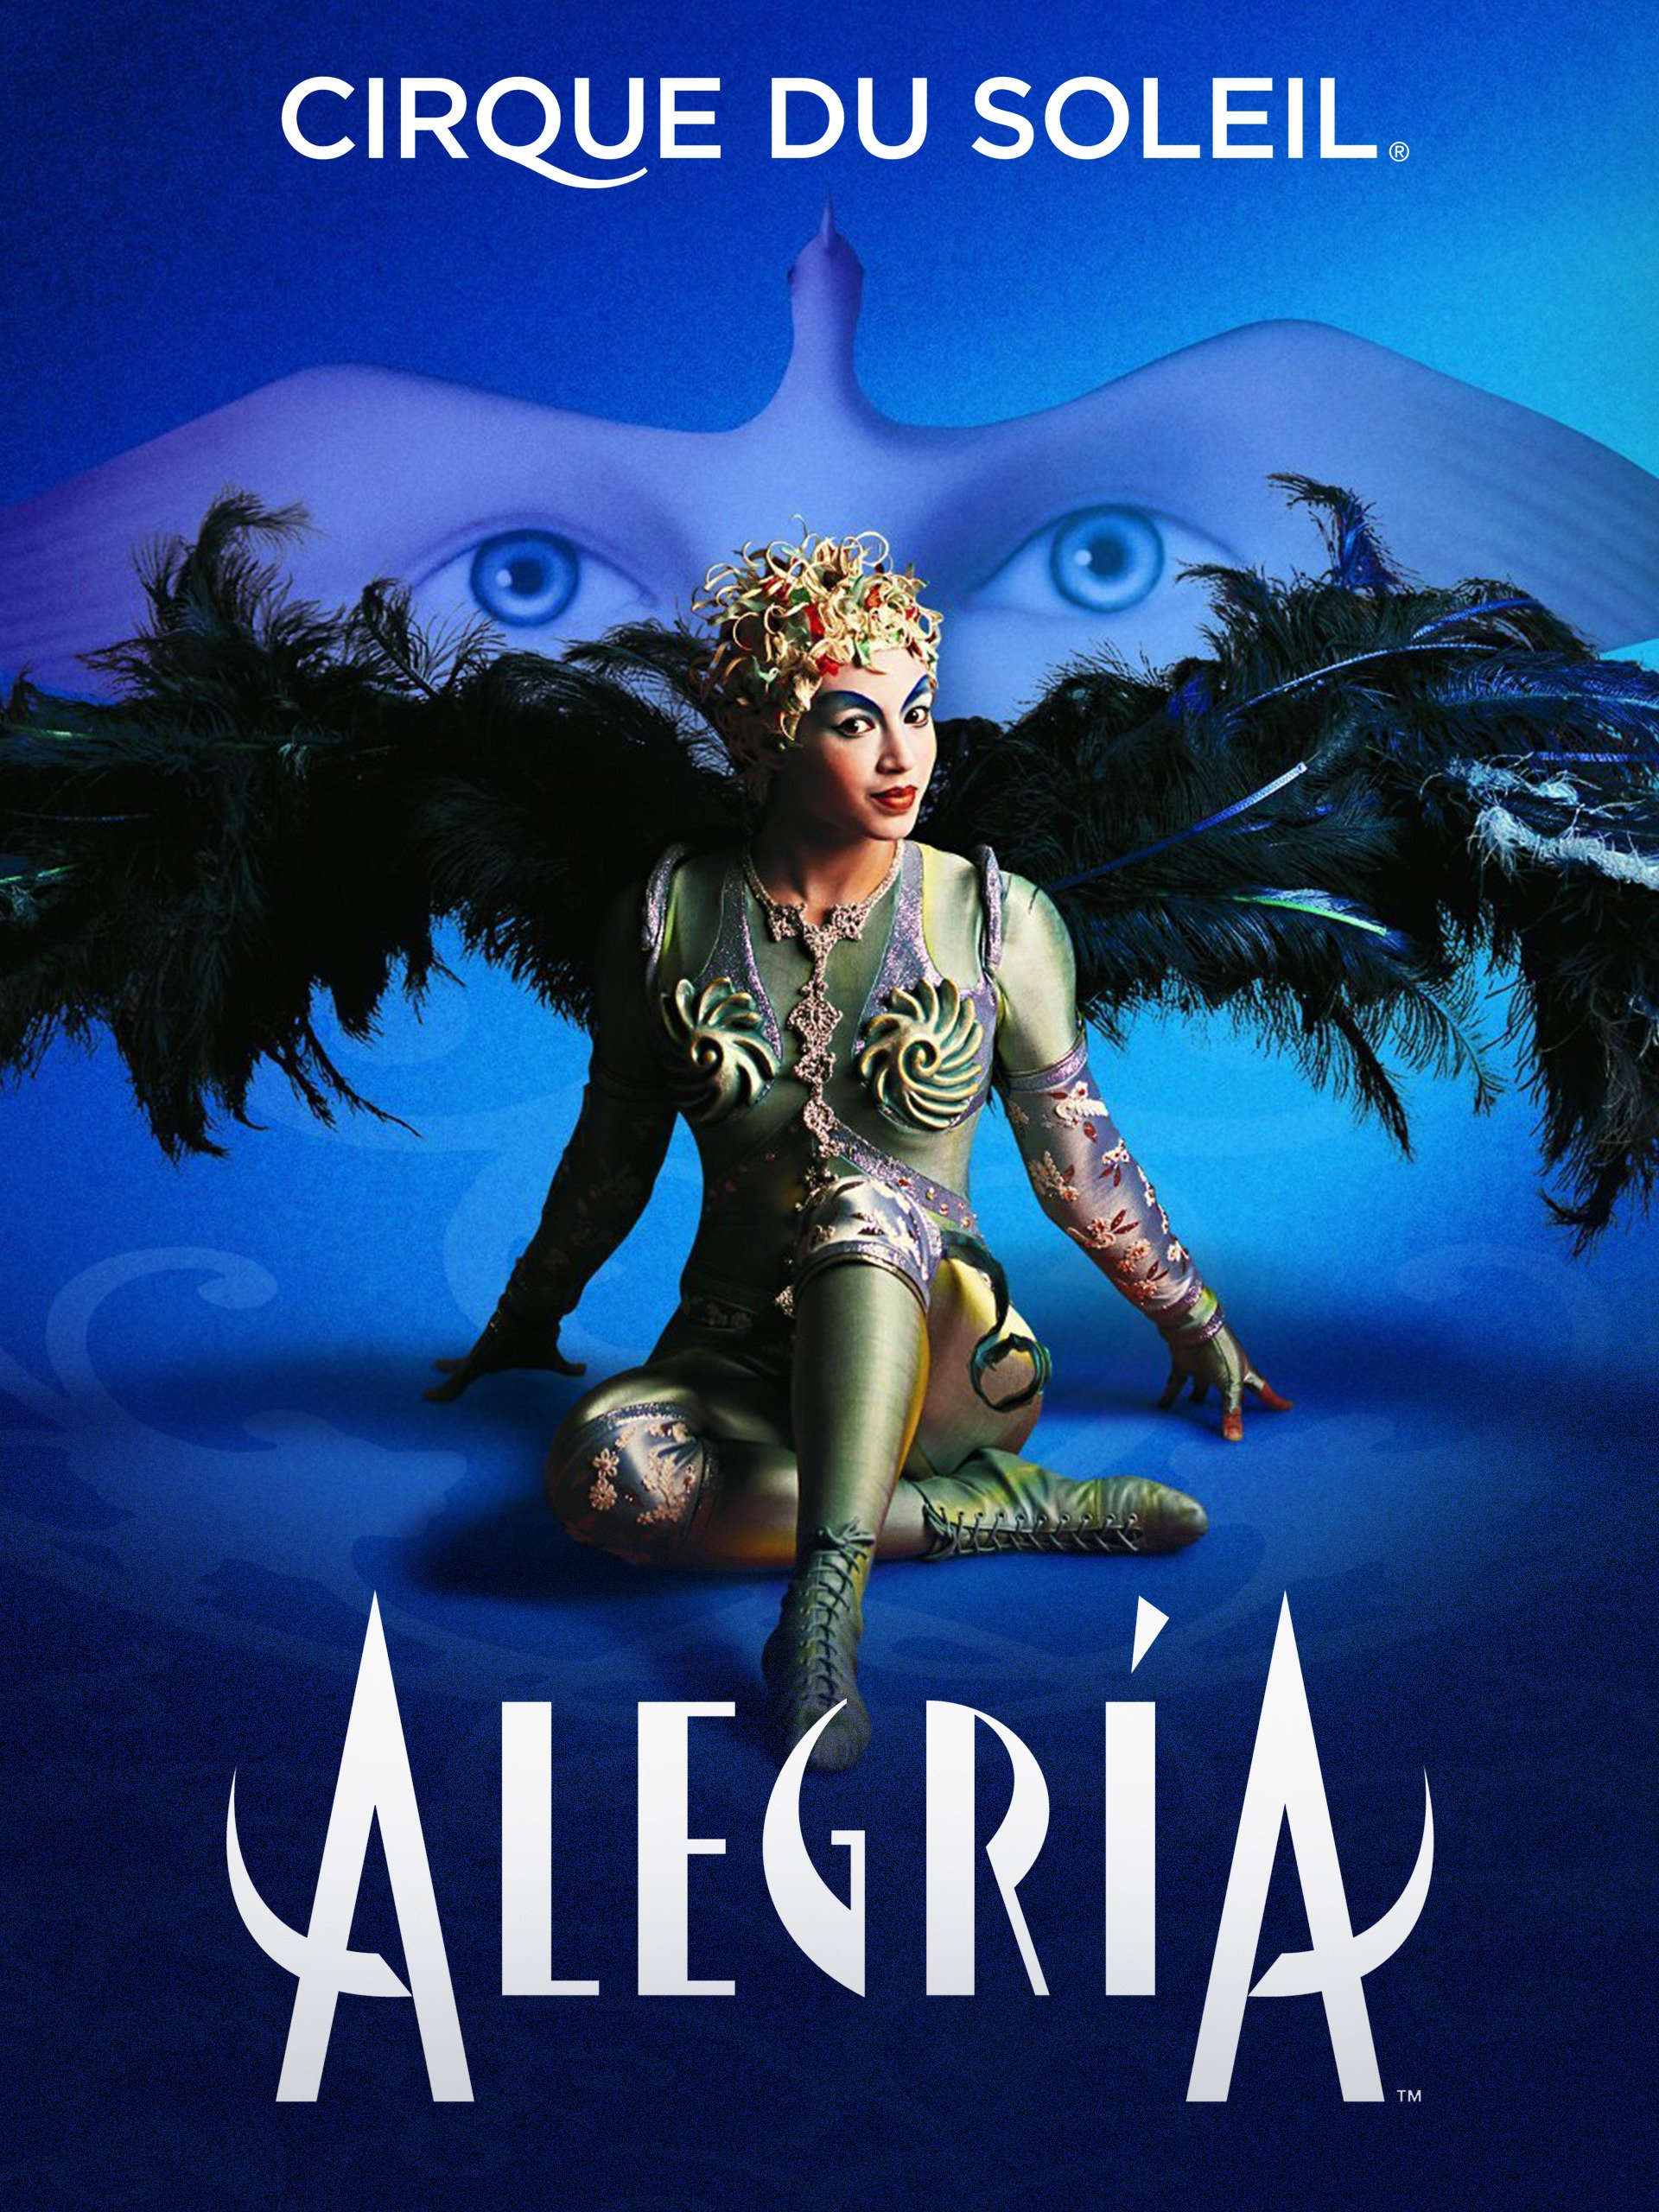 Cirque Du Soleil Presents Alegria Ebon Grayman Tamir Erdenesaikan Batmuhkh Batjargal Nick Morris